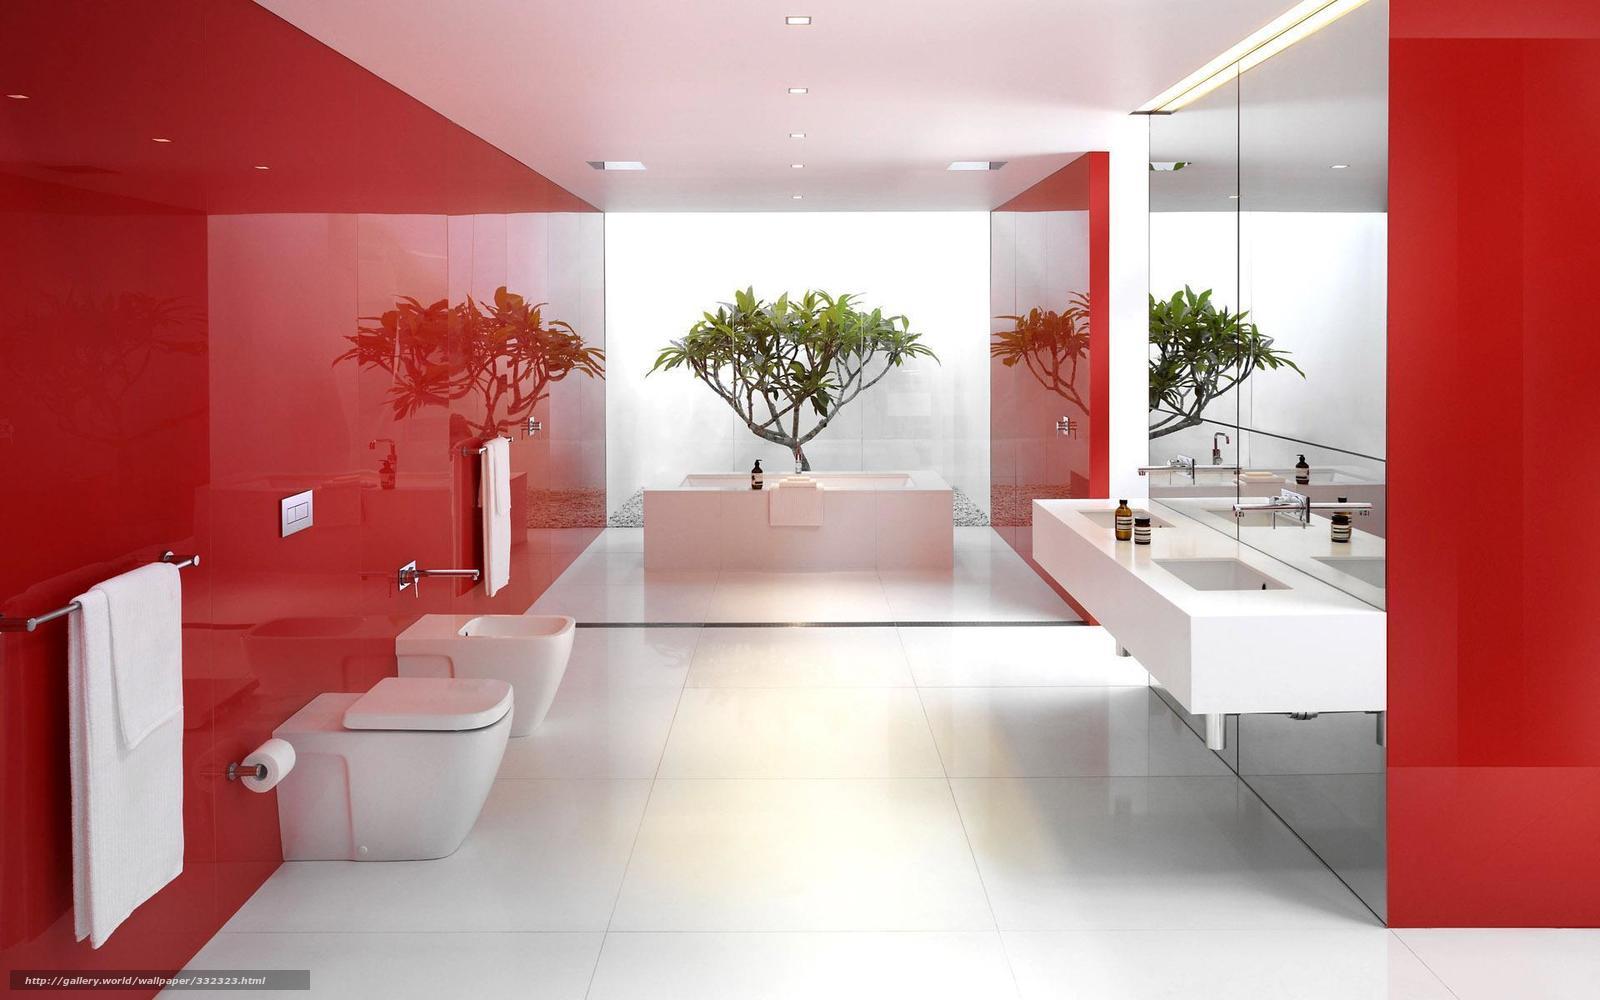 Papel de parede Branco Espelhos vermelho reflexo banheiro  #952020 1600 1000